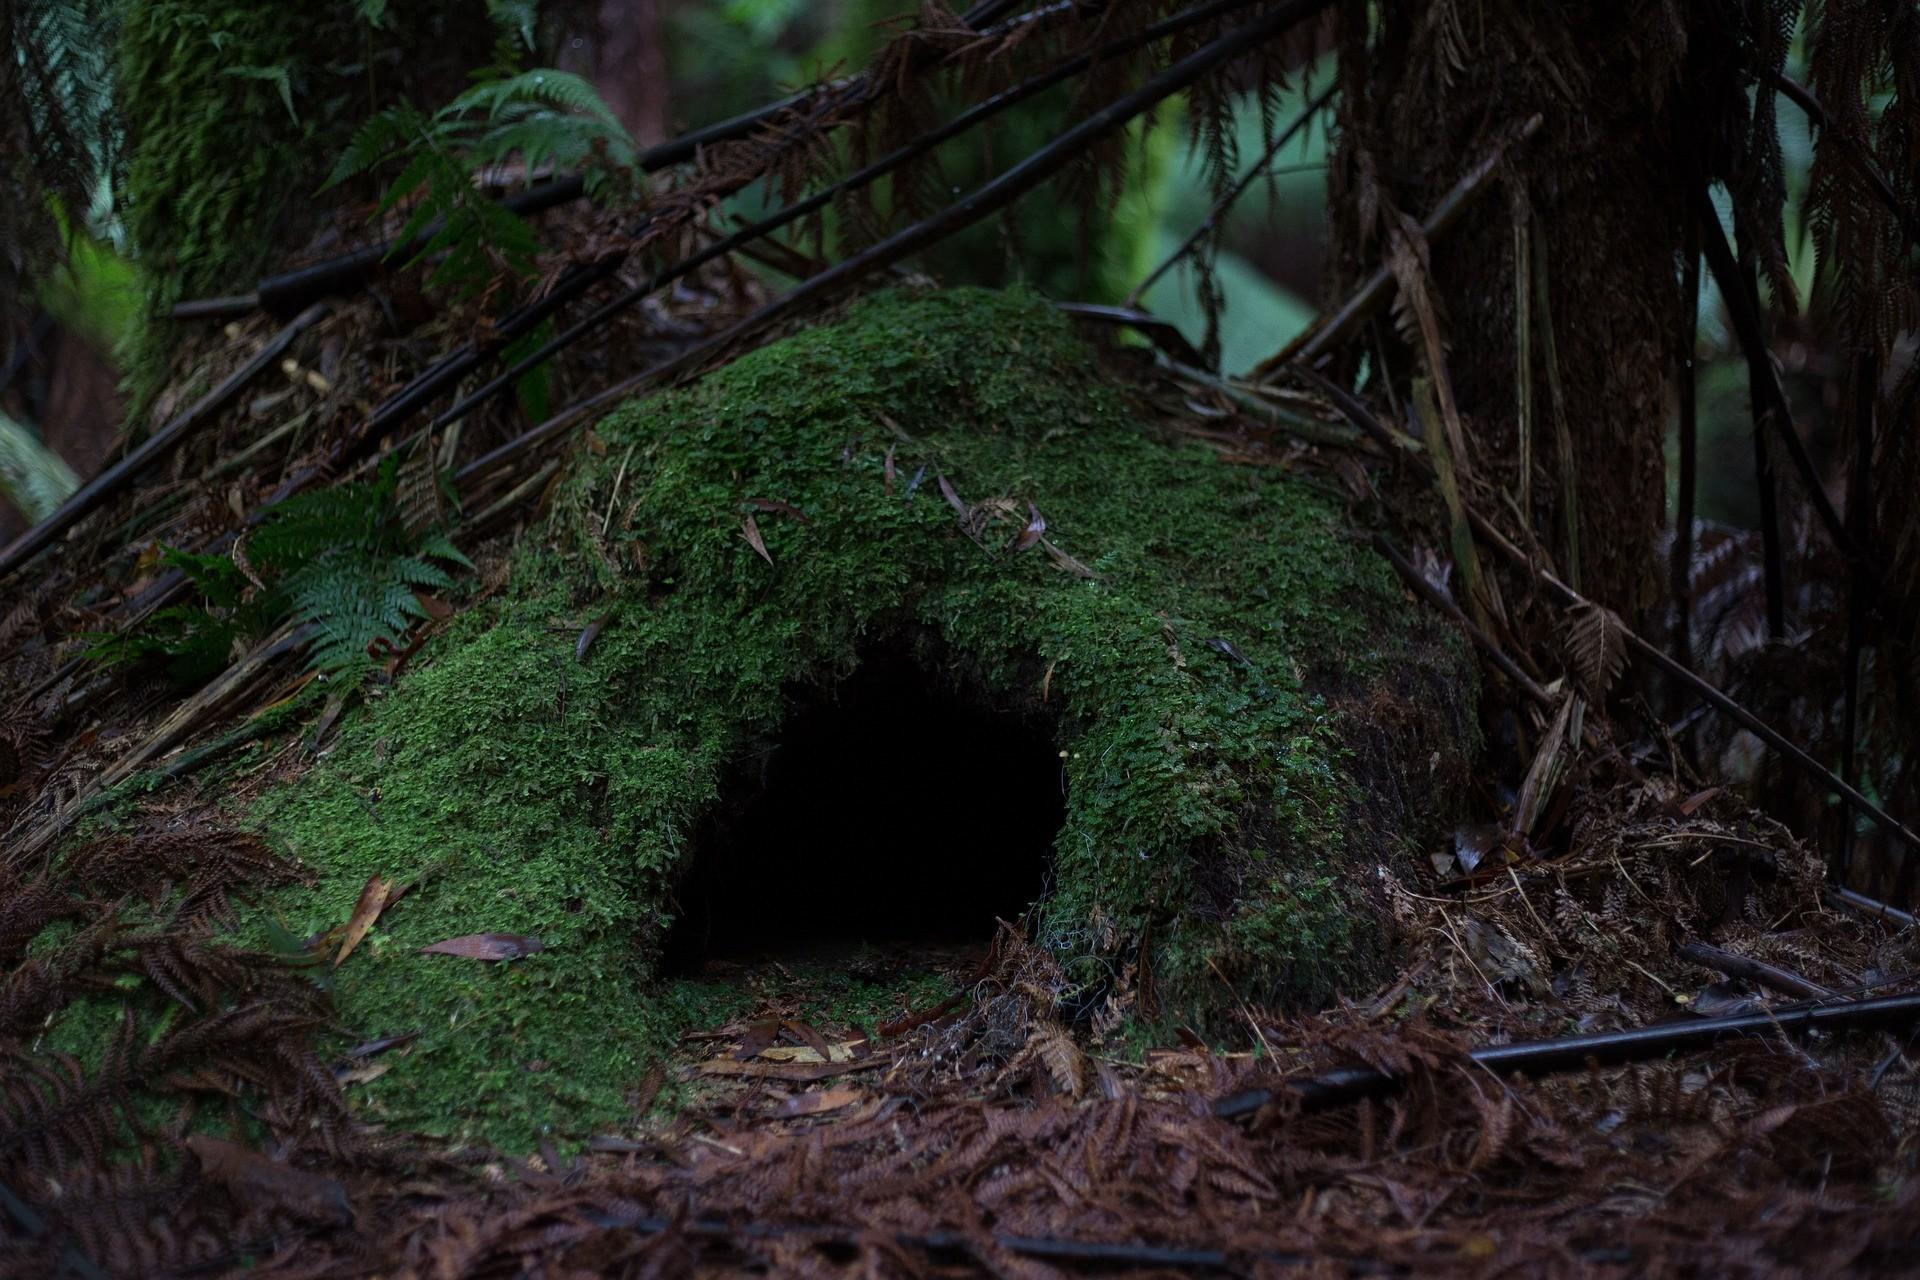 Darstellung einer Höhle